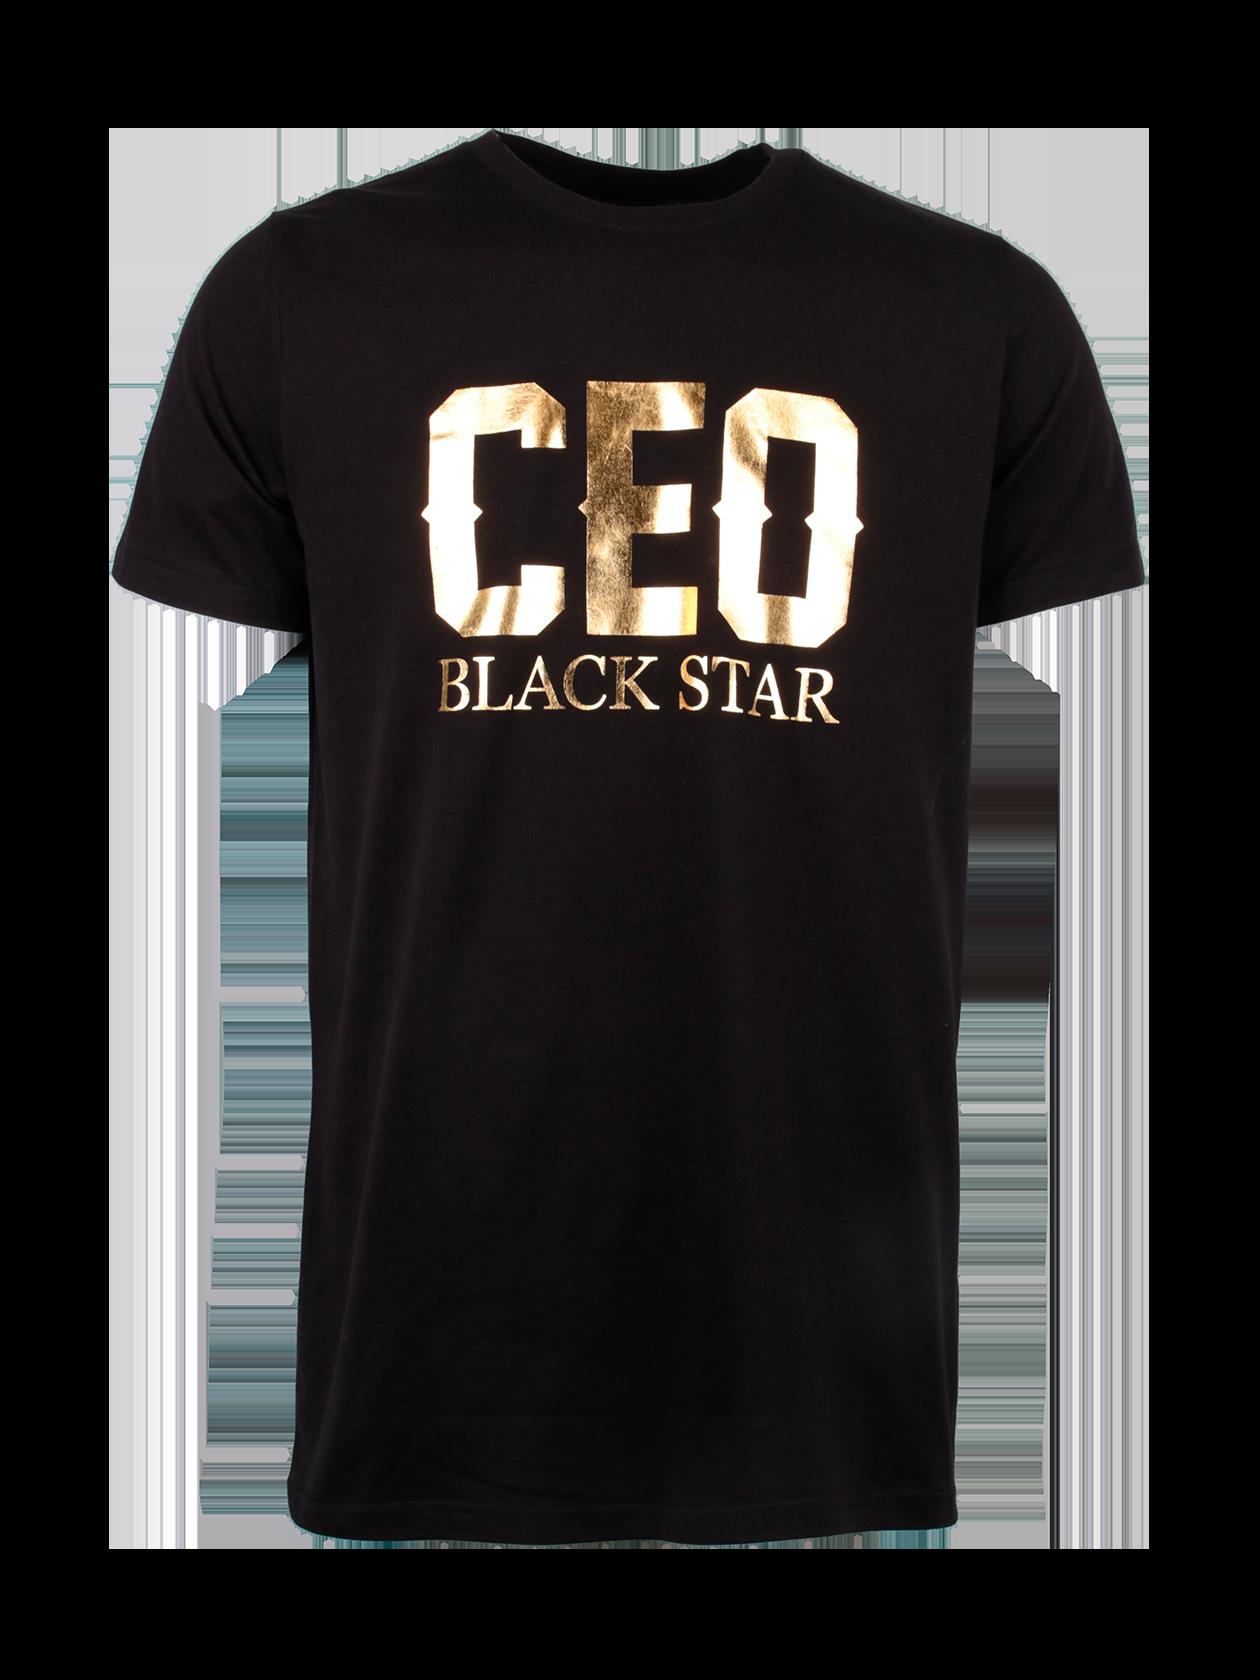 Футболка унисекс CEO ROYALTYФутболка унисекс Ceo Royalty от бренда Black Star Wear – достойный выбор для активных молодых людей. Изделие классического дизайна, слегка удлиненной формы, прямого полусвободного силуэта. Базовые черная и белая расцветки актуальны в любом сезоне и подходят под любую одежду и обувь. Модель создана из натурального хлопка класса «люкс», отличается износостойкостью, приятна к телу. Футболка декорирована голографической золотой надписью «Ceo Black Star» на груди на черном варианте и черными буквами на белом. Незаменимая вещь для спорта и отдыха.<br><br>Размер: L<br>Цвет: Черный<br>Пол: Мужской